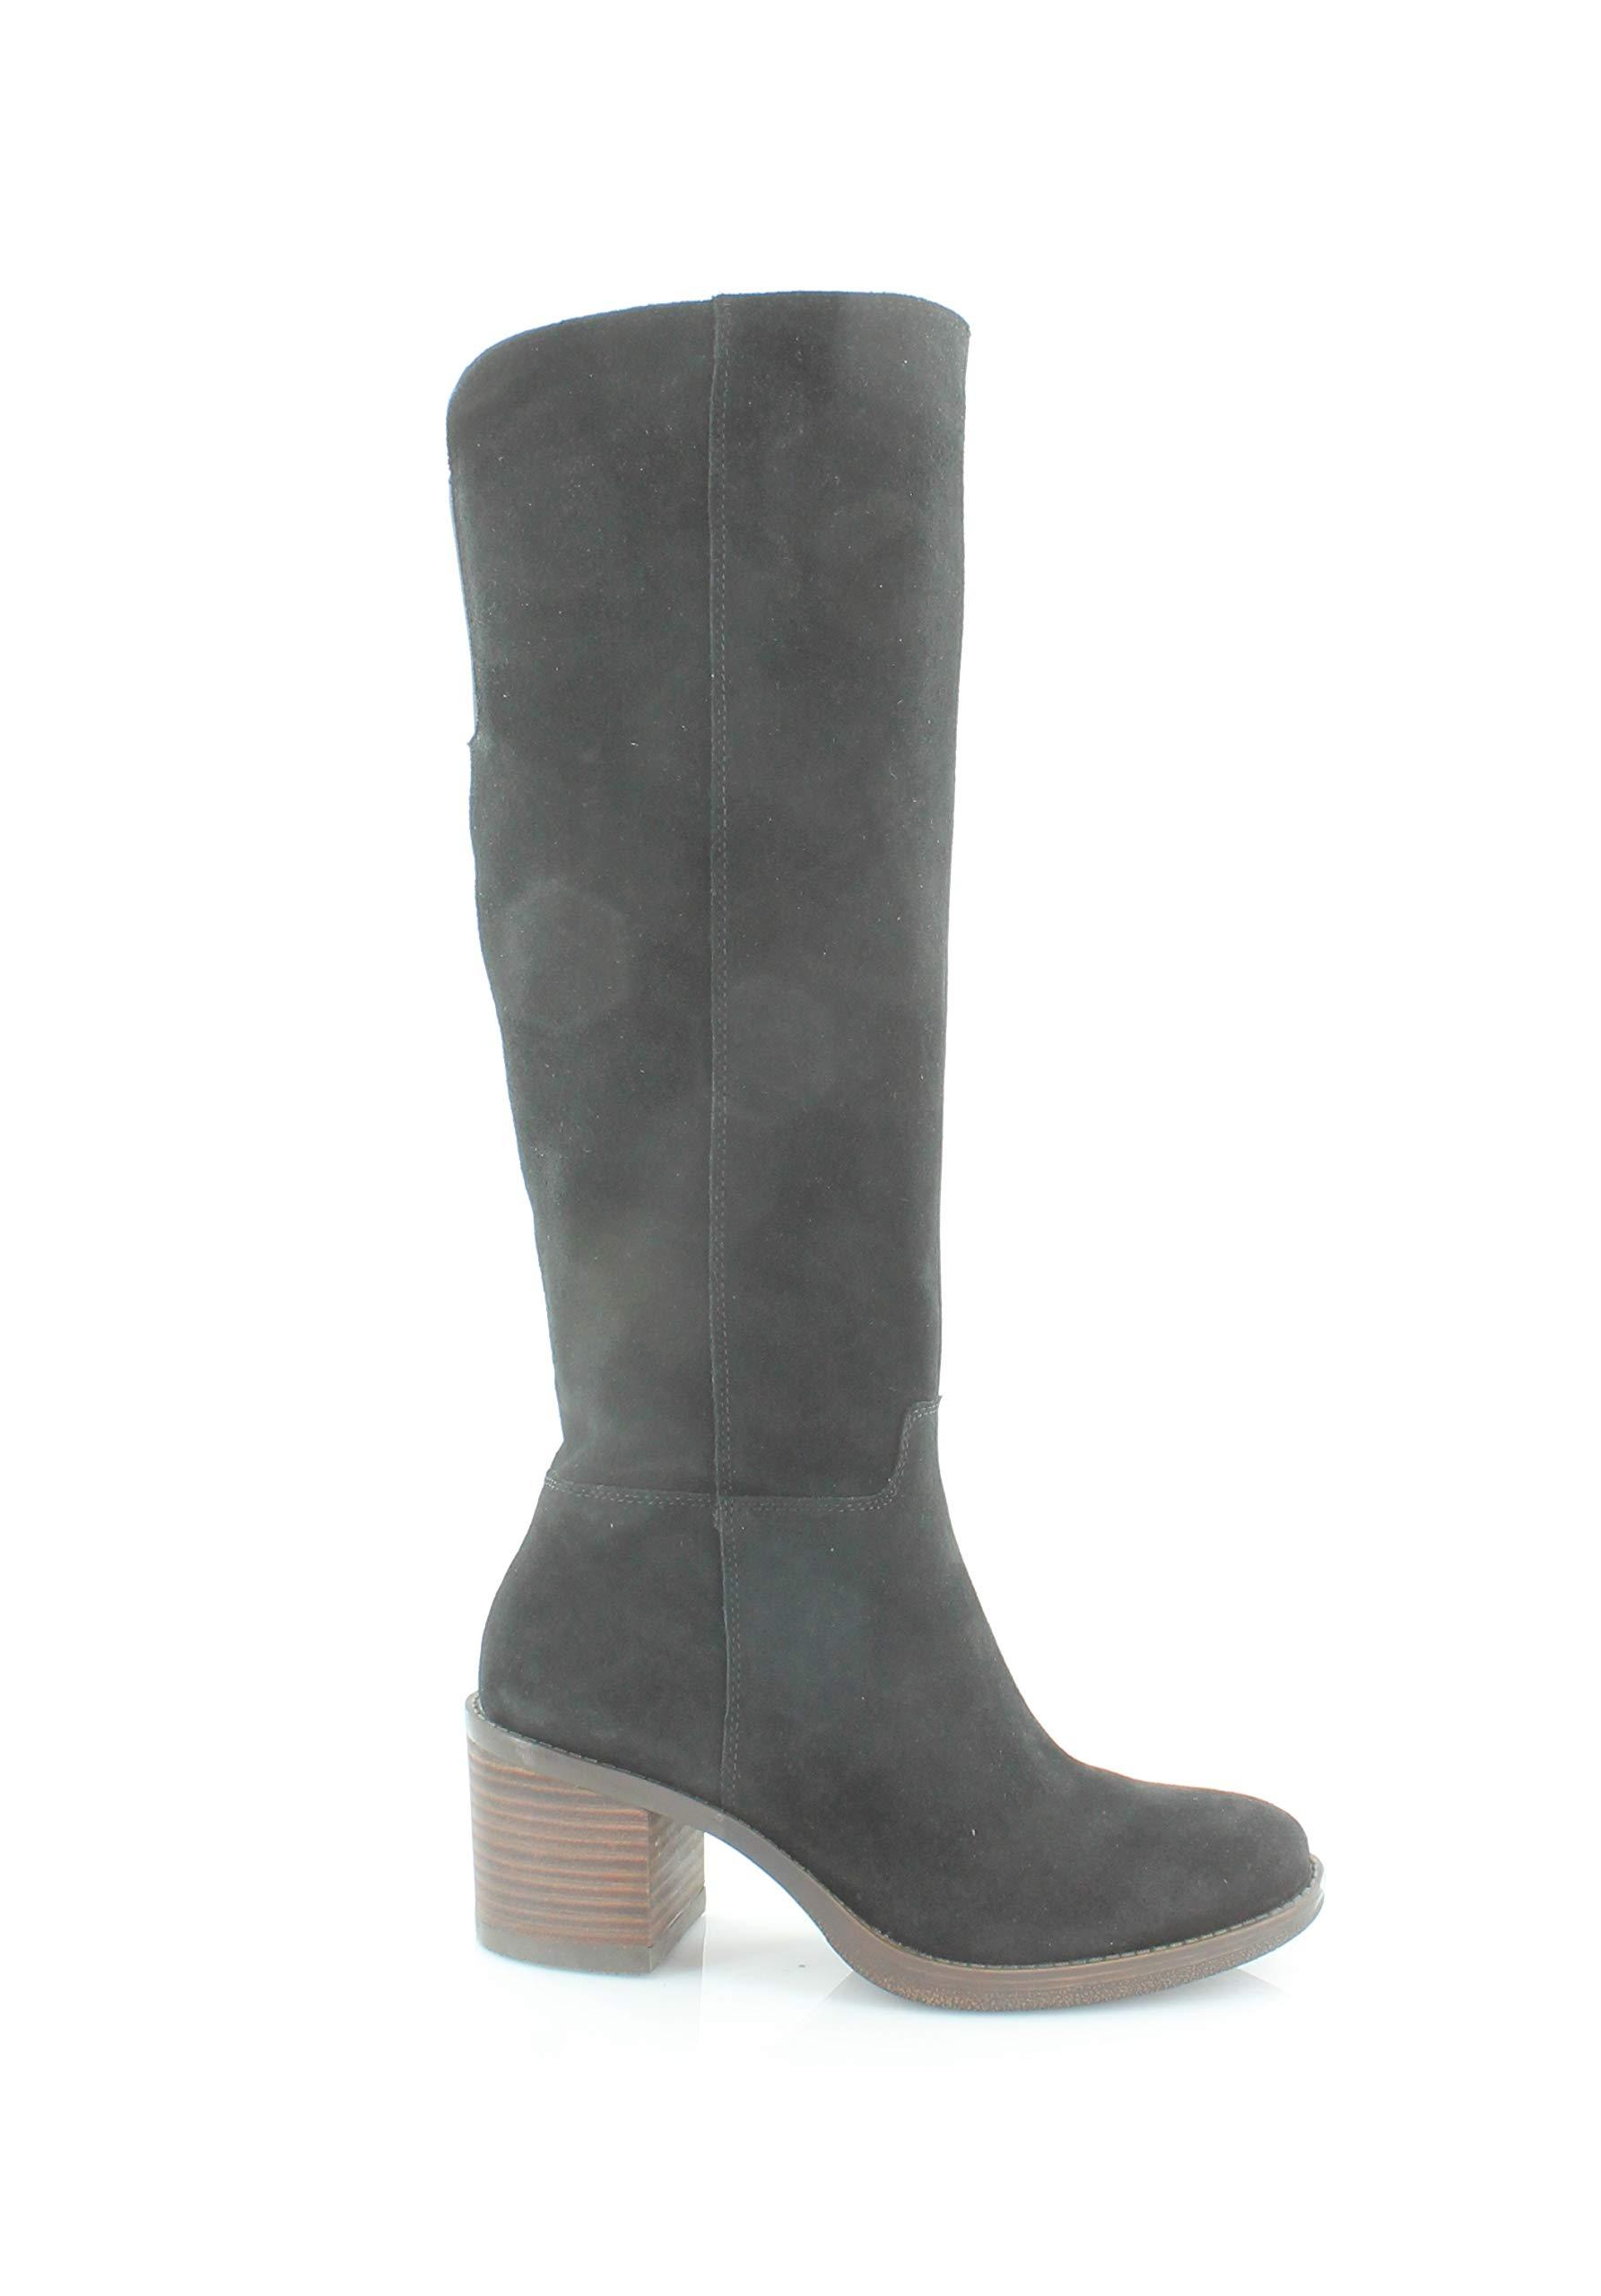 Lucky Brand Women's Ritten Riding Boot,Black,6 M US